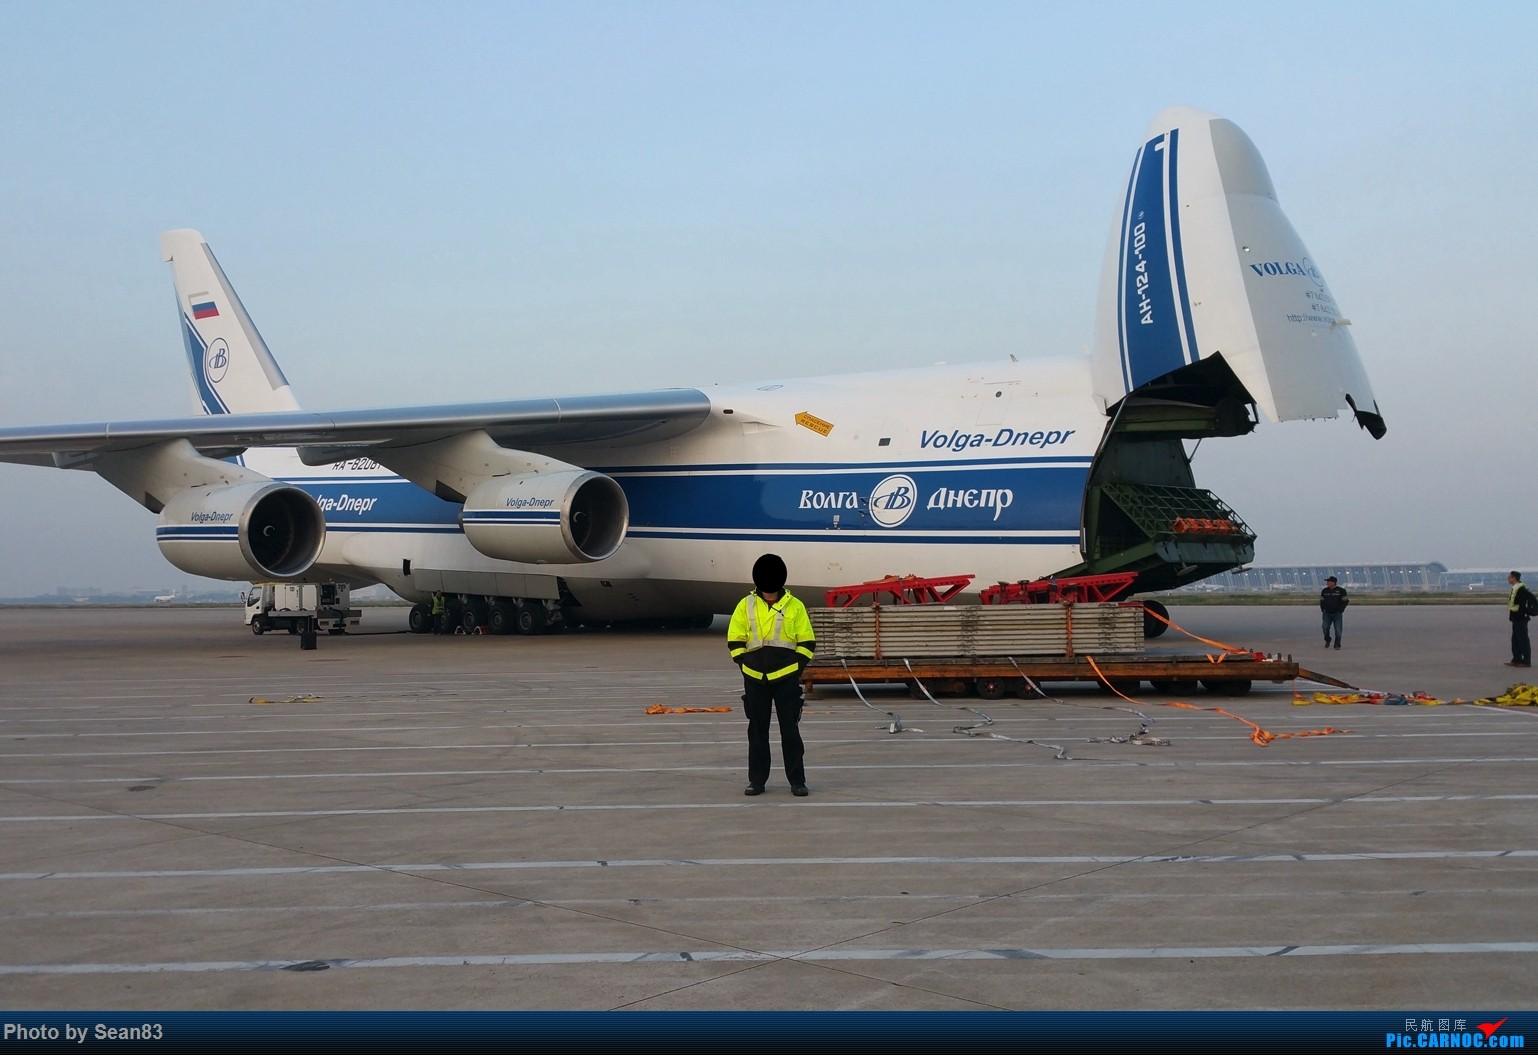 [原创]第一天上班,就遇 An-12 :-) ANTONOV AN-124  上海浦东国际机场